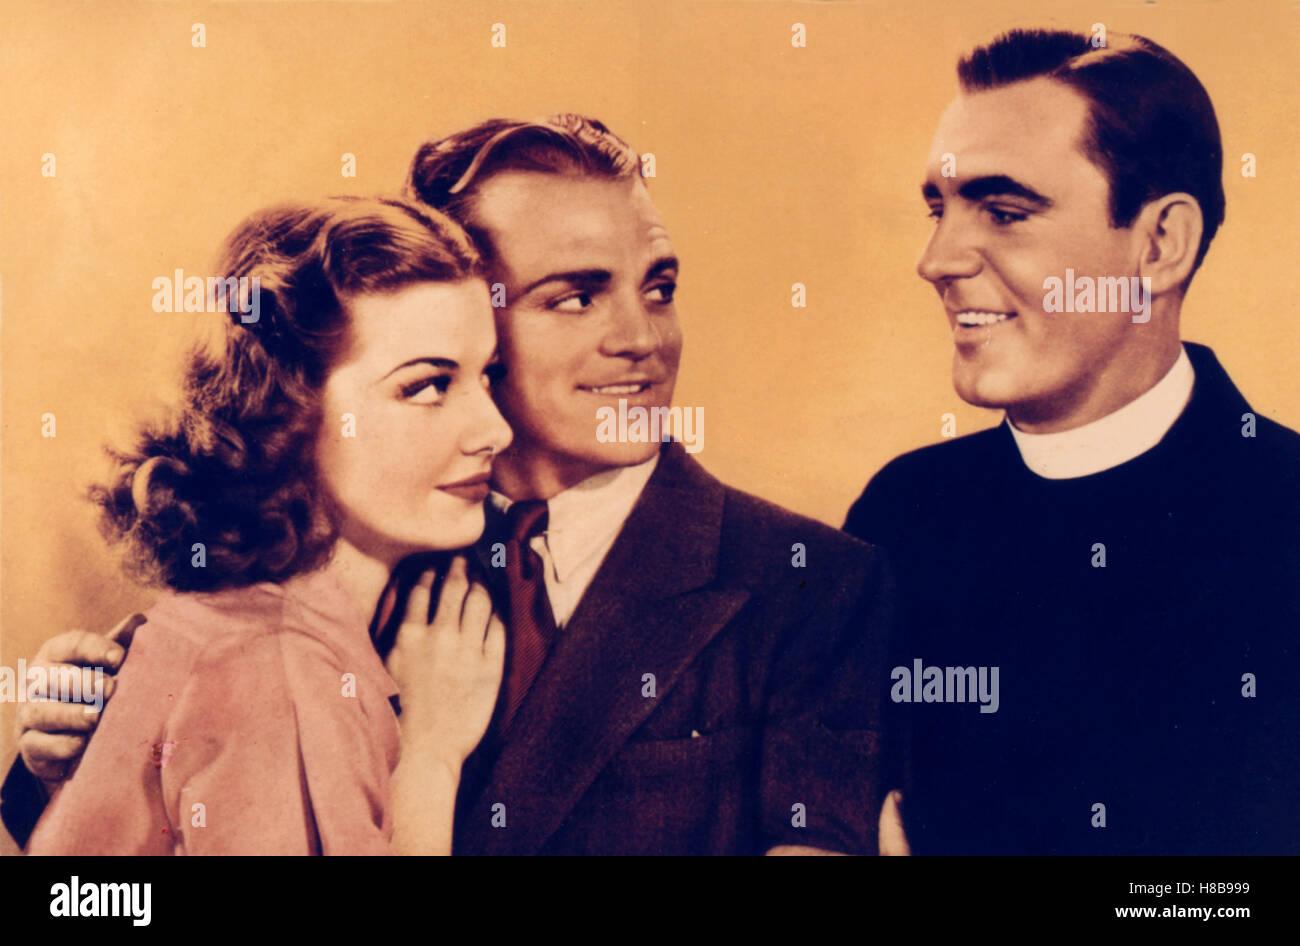 Chicago - Engel mit schmutzigen Gesichtern, (ANGELS WITH DIRTY FACES) USA 1938  s/w, Regie: Michael Curtis, ANN Stock Photo